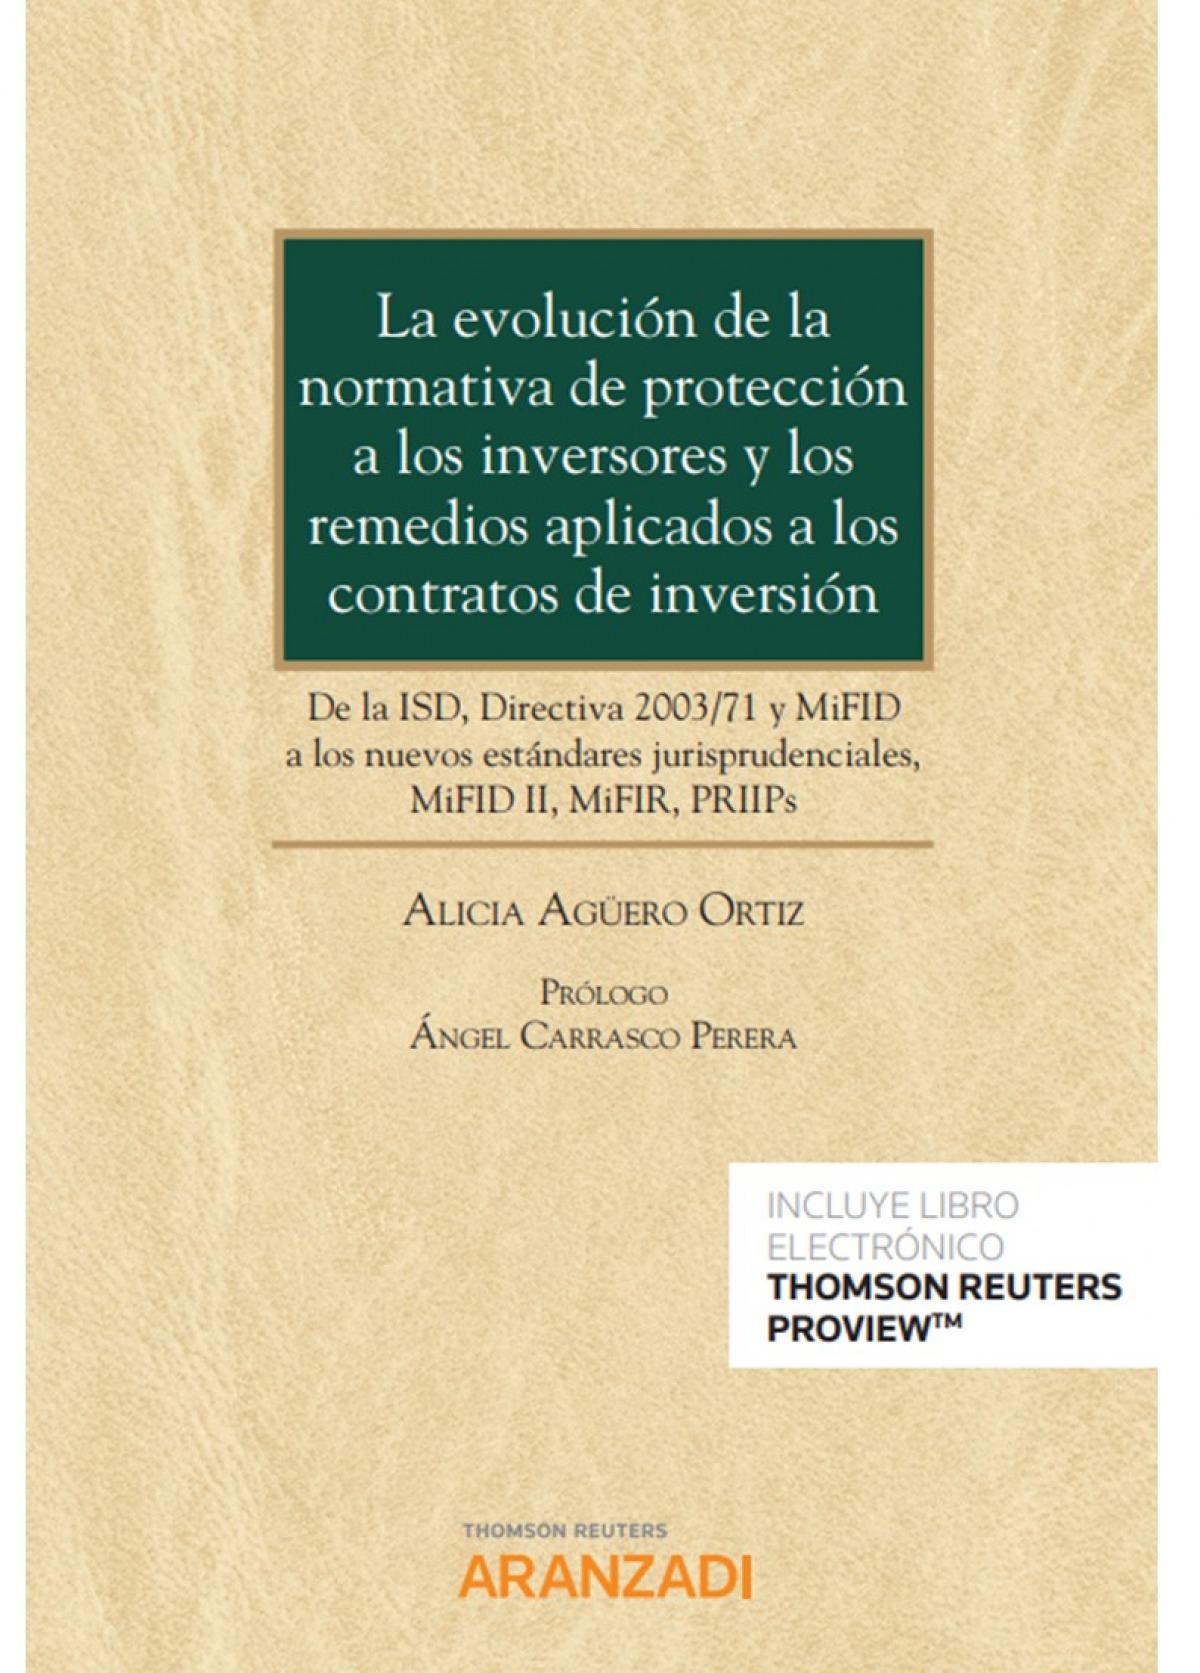 Evolución de la normativa de protección a los inversores y los remedios aplicado